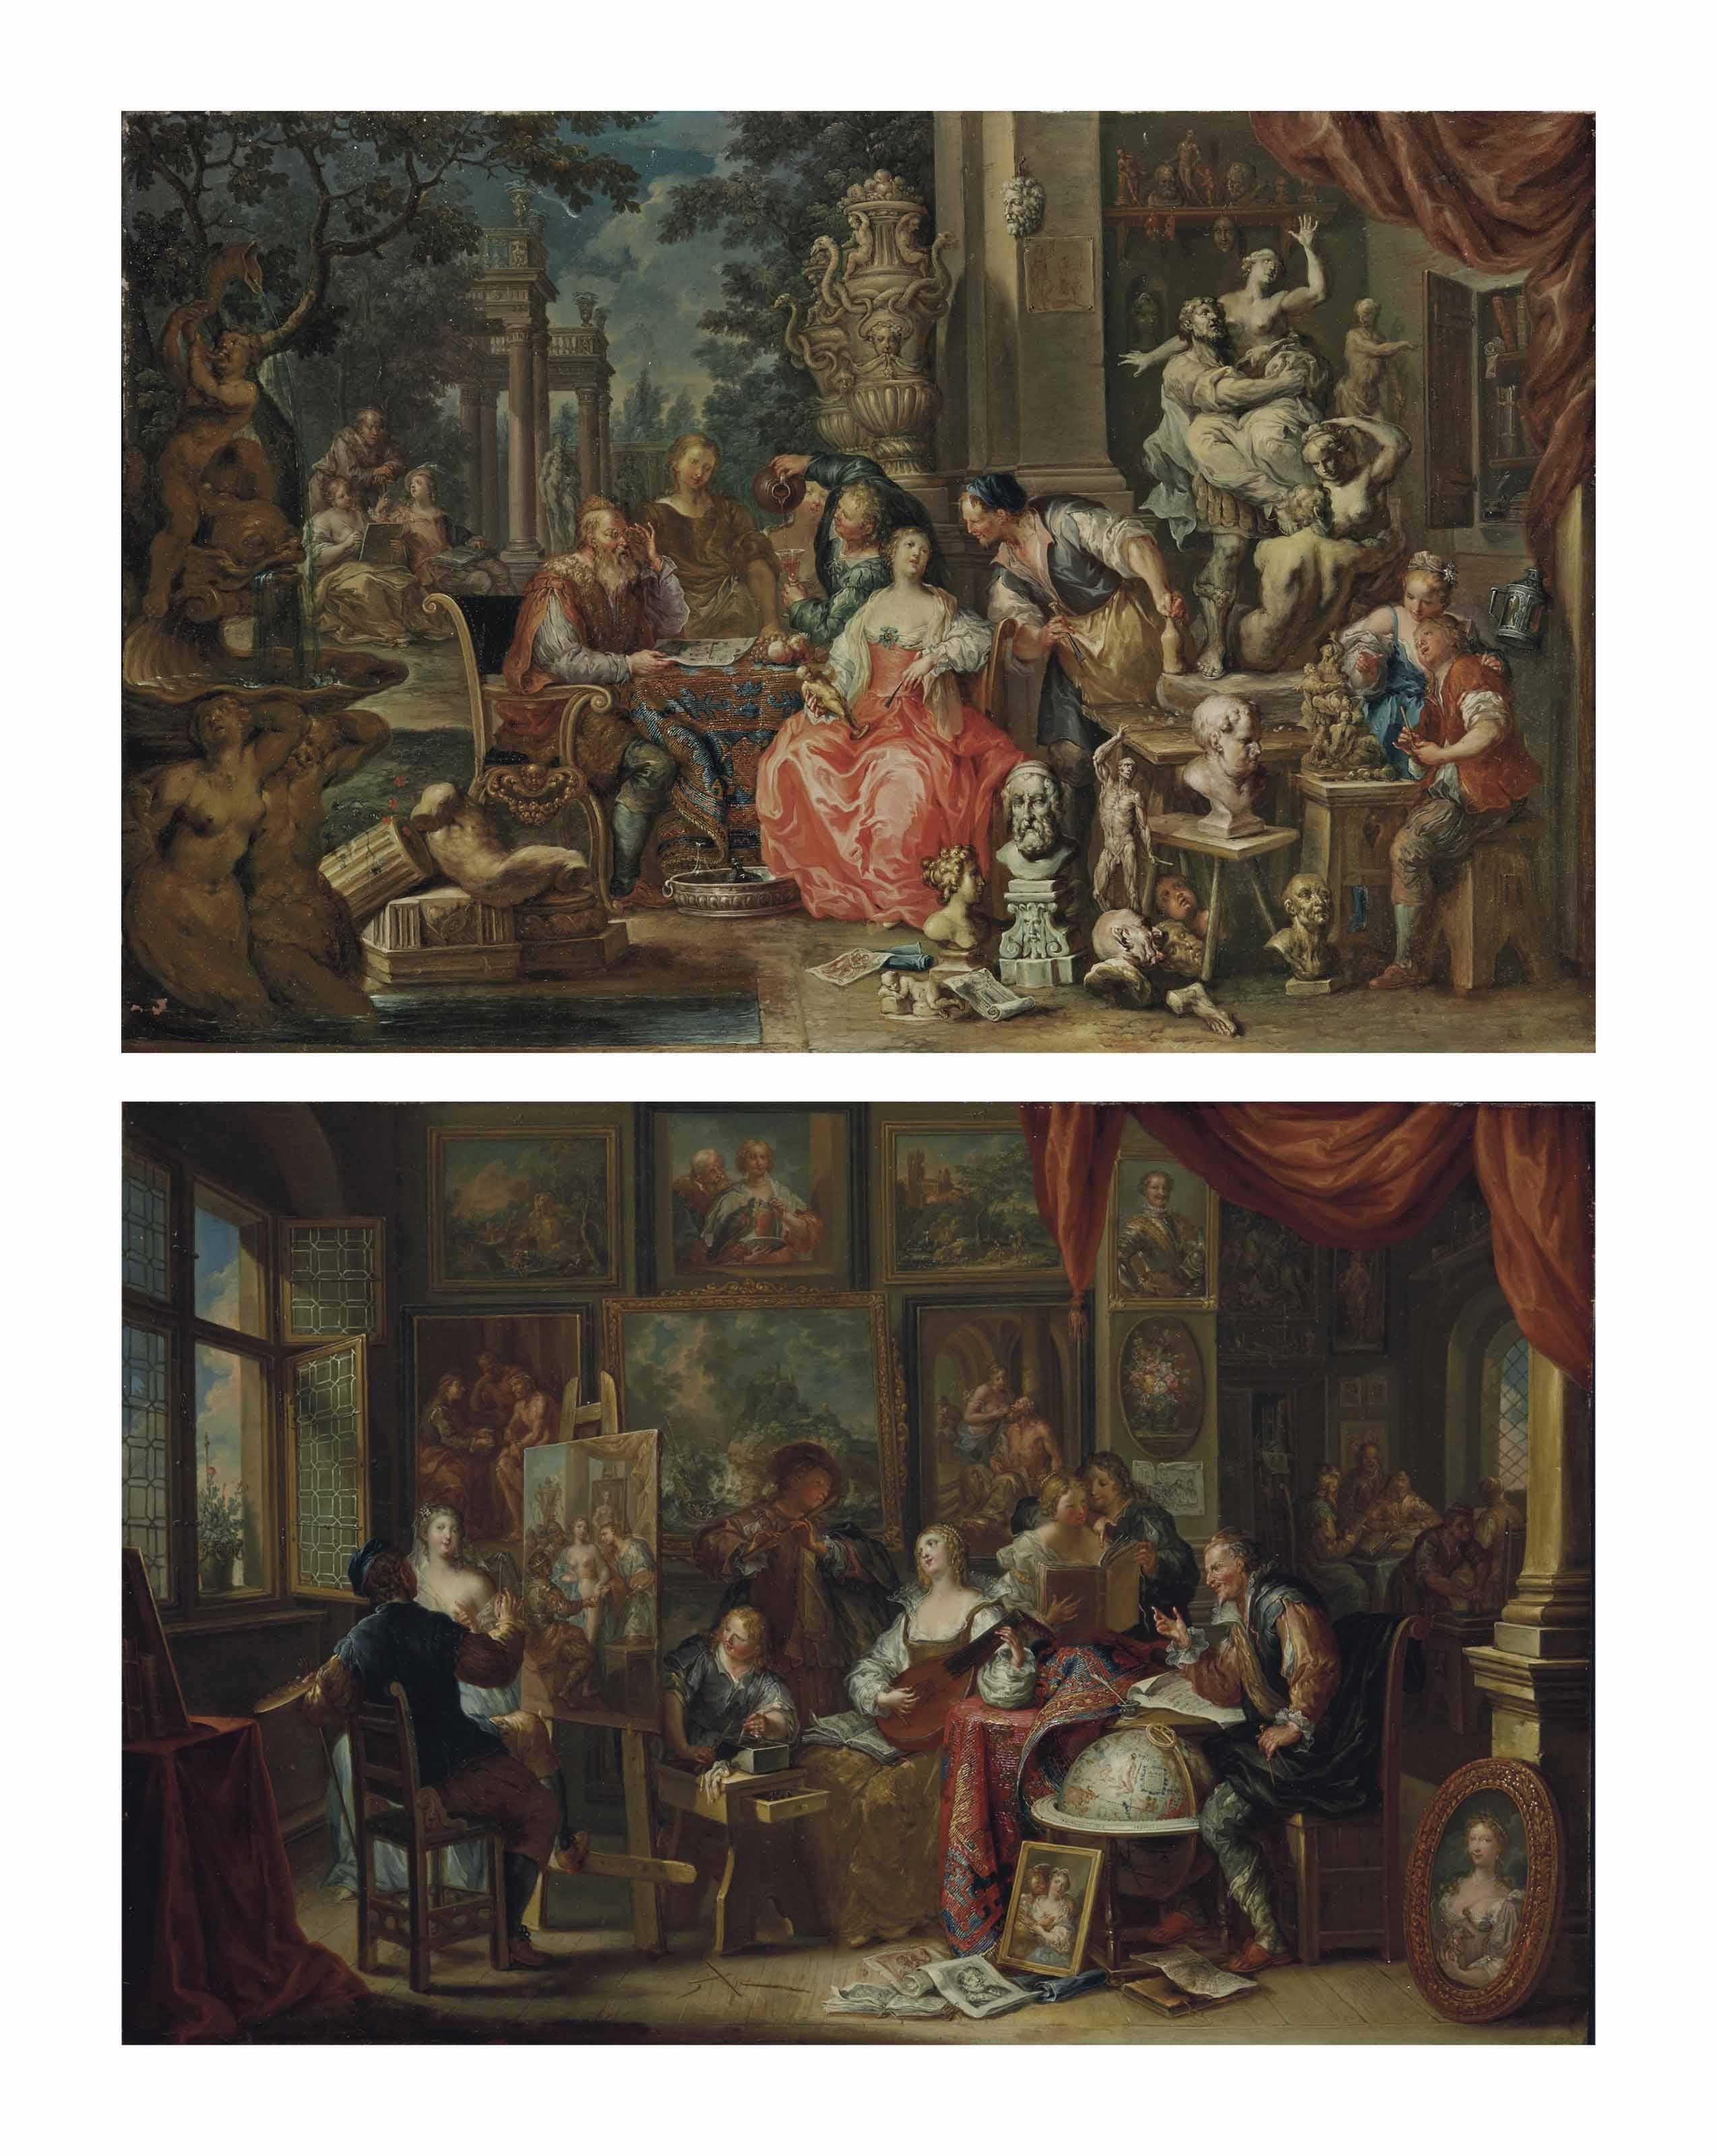 L'Atelier du peintre ; et L'Atelier du sculpteur